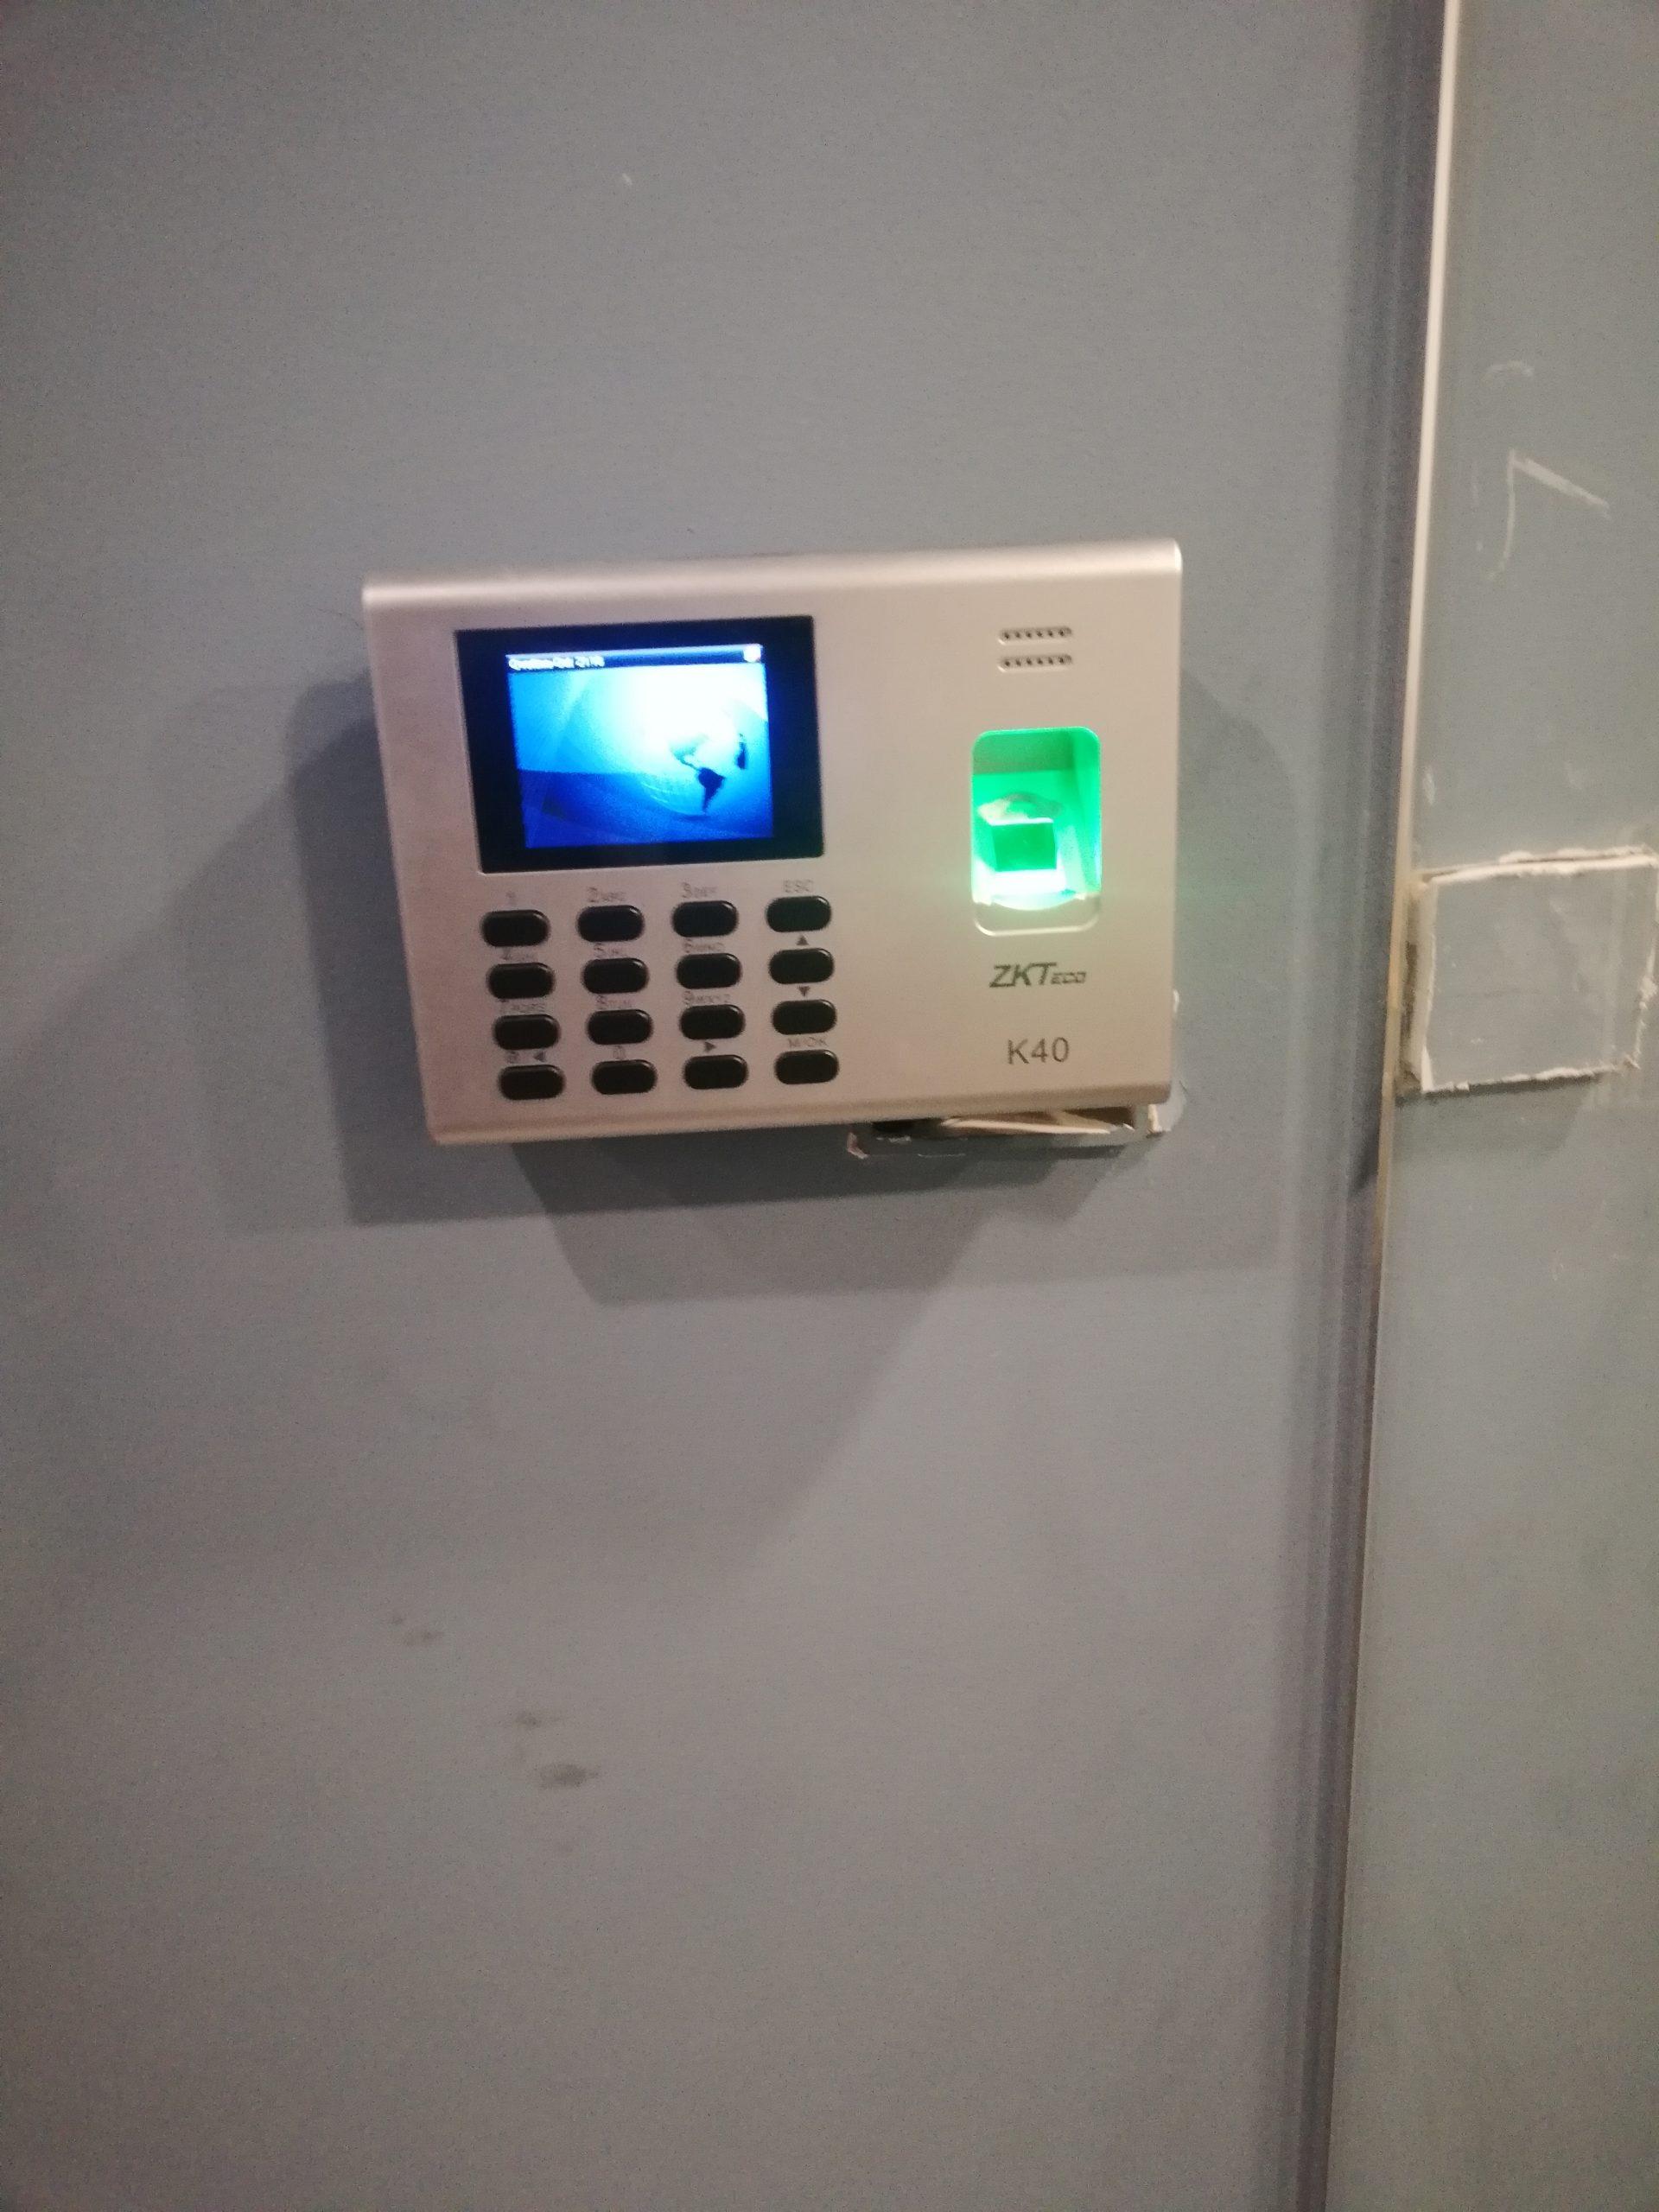 biometric machine k40